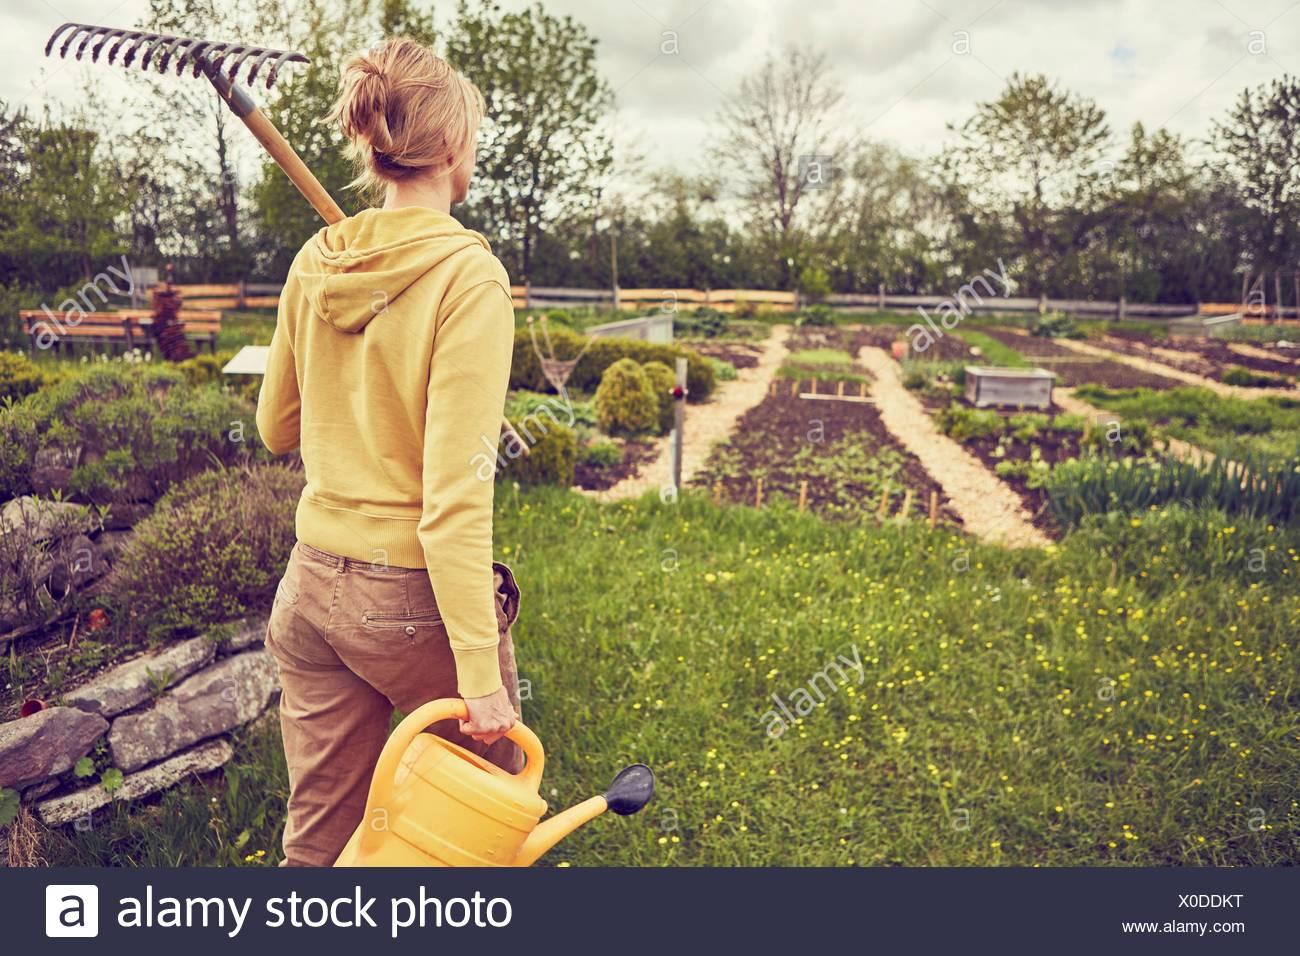 Femme mature, le jardinage, l'exécution et de râteau arrosoir, vue arrière Photo Stock